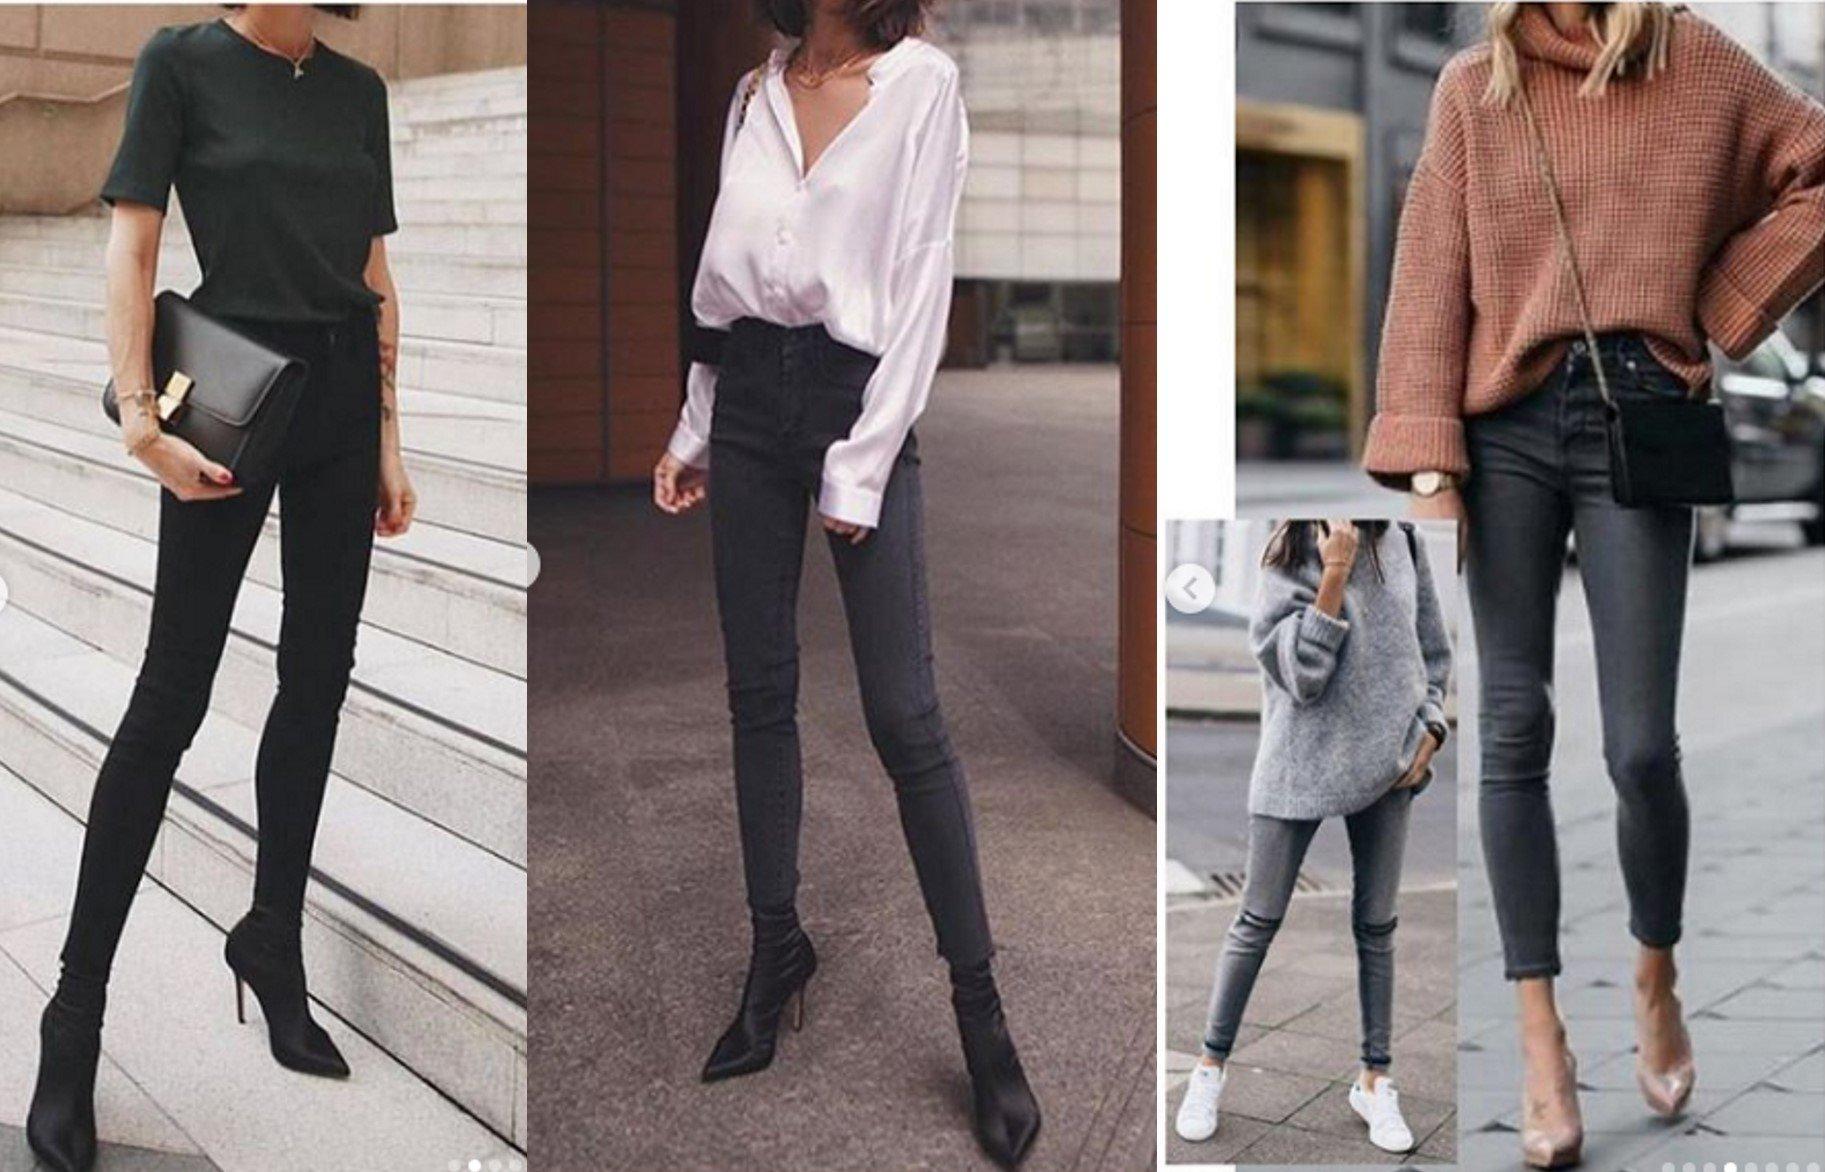 Топ-7 моделей женских джинсов, которые точно понравятся мужчинам - фото 2